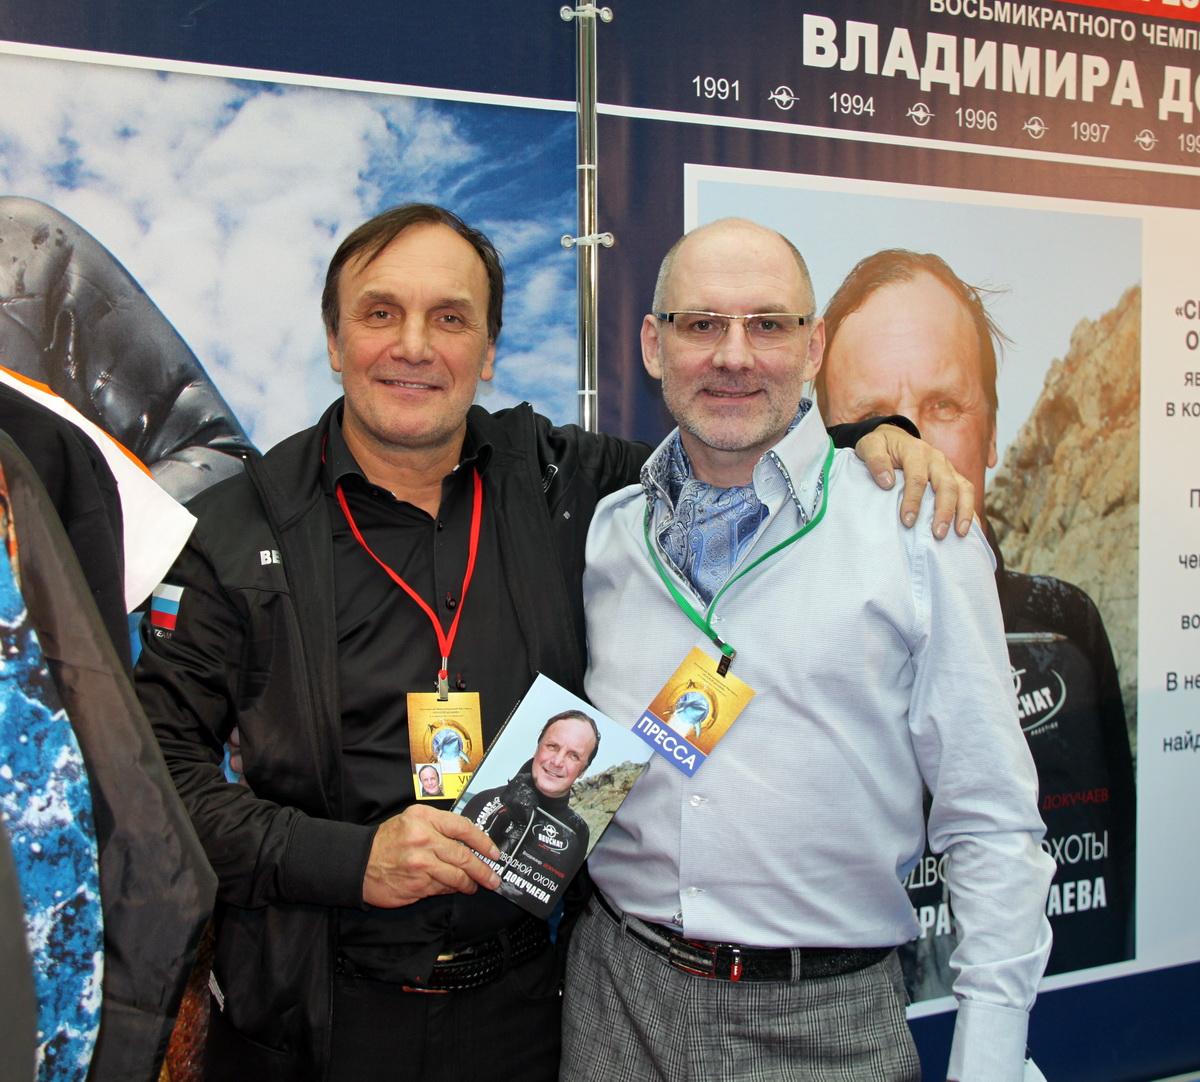 Владимир Докучаев и Андрей Шалыгин Золотой Дельфин 2014